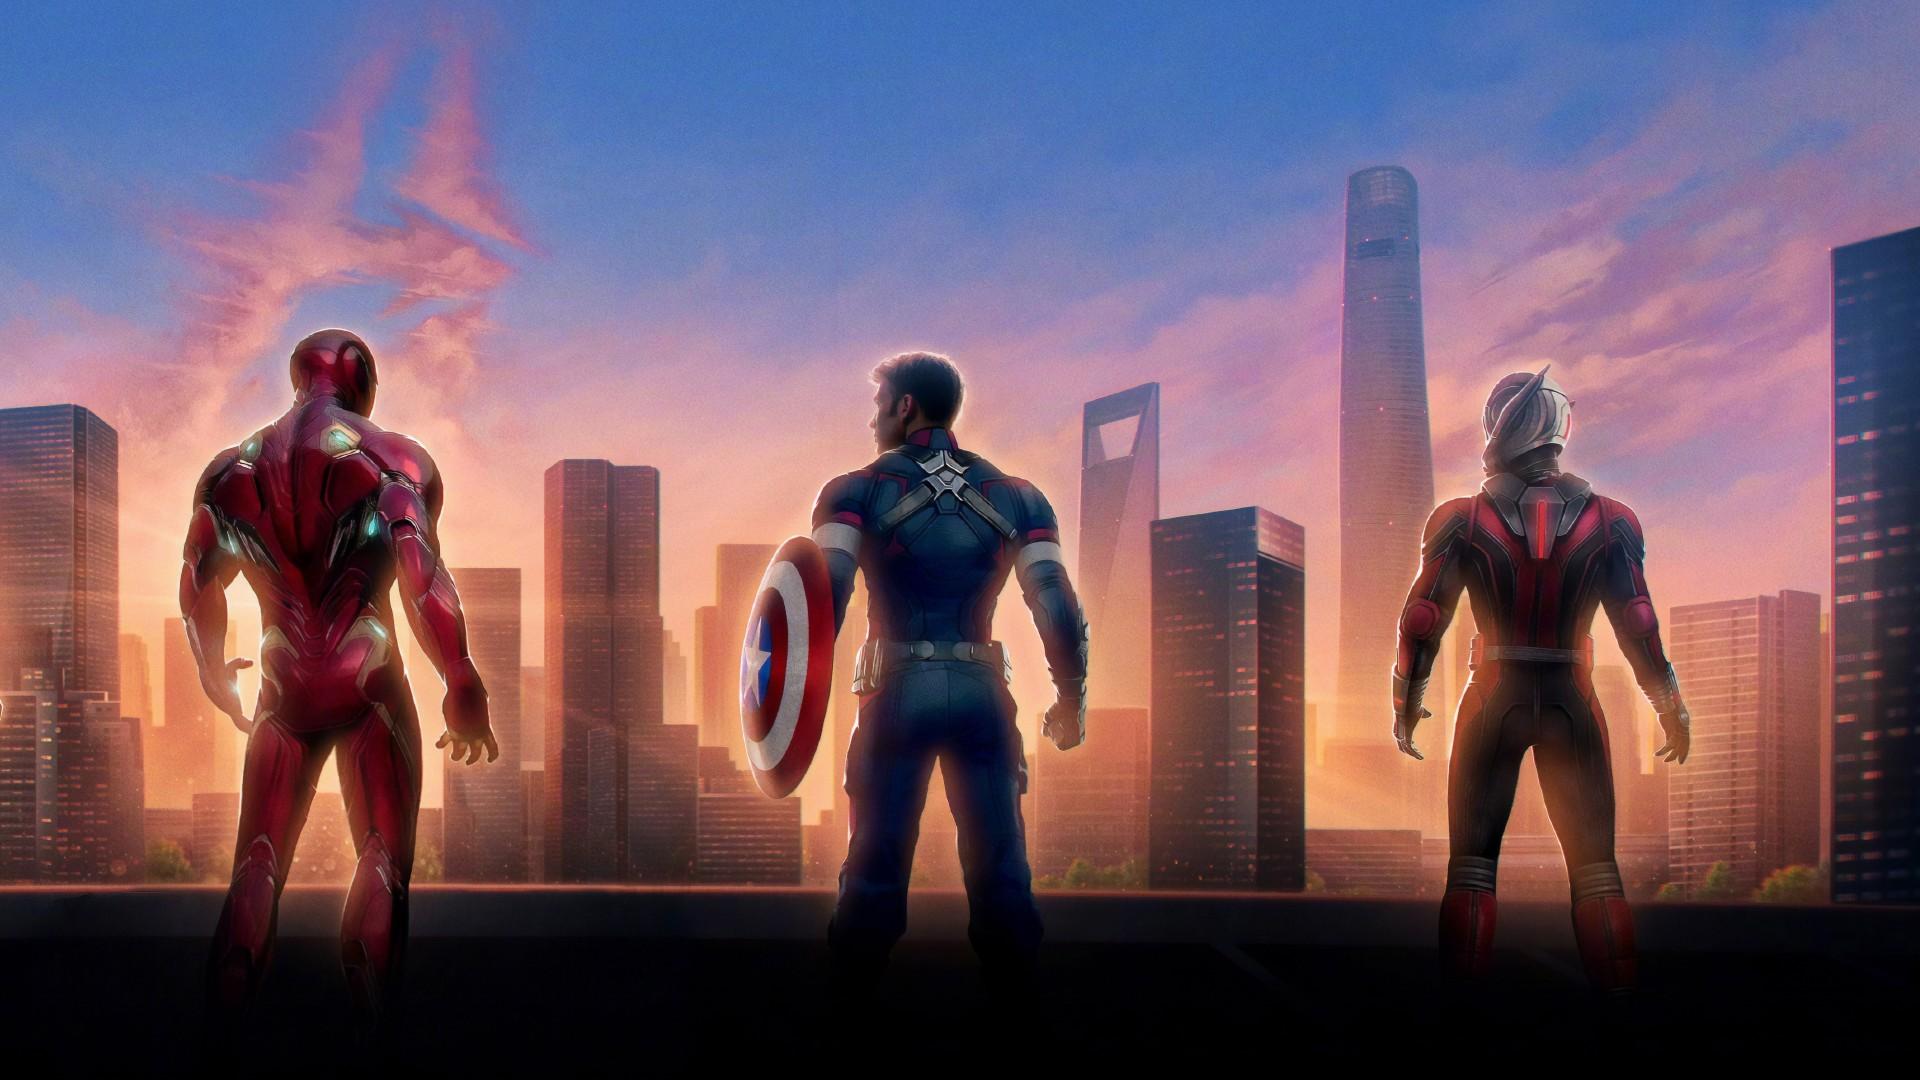 Iron Man 3d Wallpaper For Android Iron Man Captain America Ant Man In Avengers Endgame 4k 8k